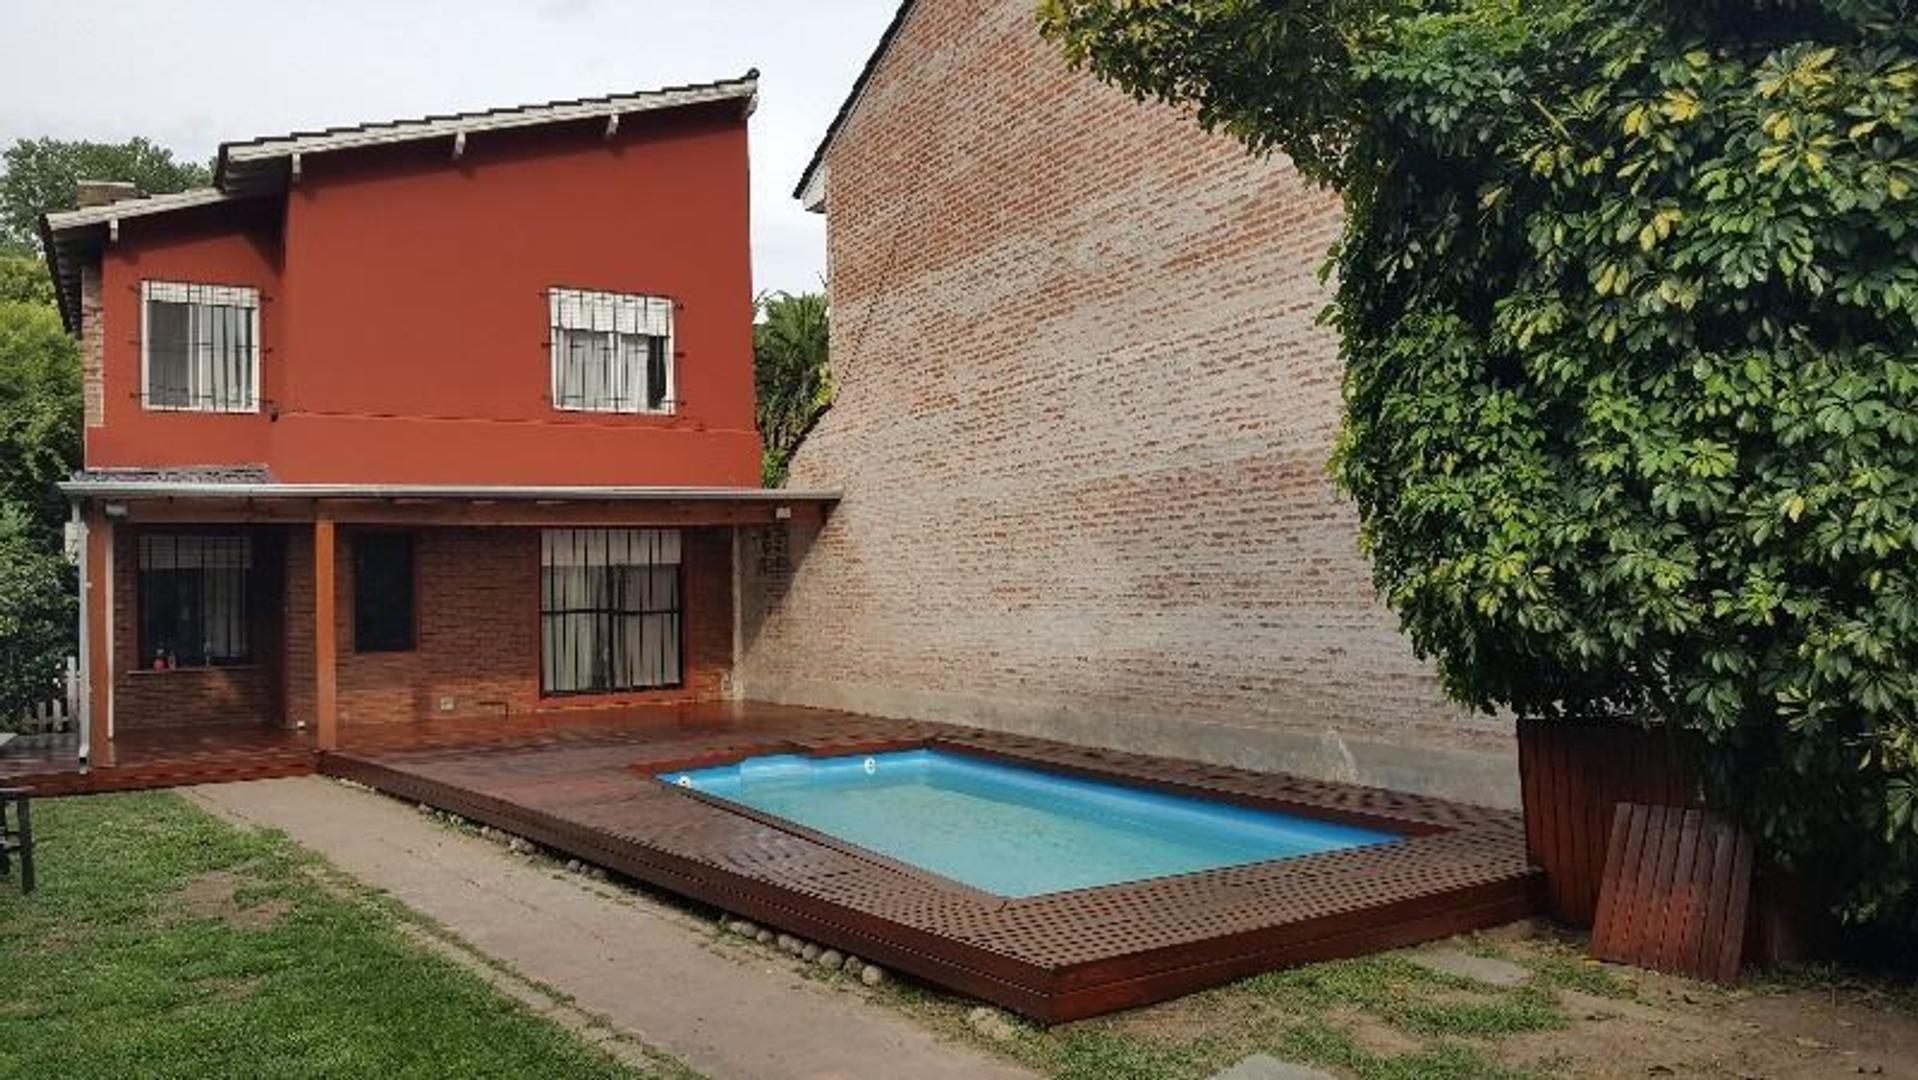 Excelente zona, Lindísima casa de 3 dormitorios, gran jardín, quincho, parrilla y pileta